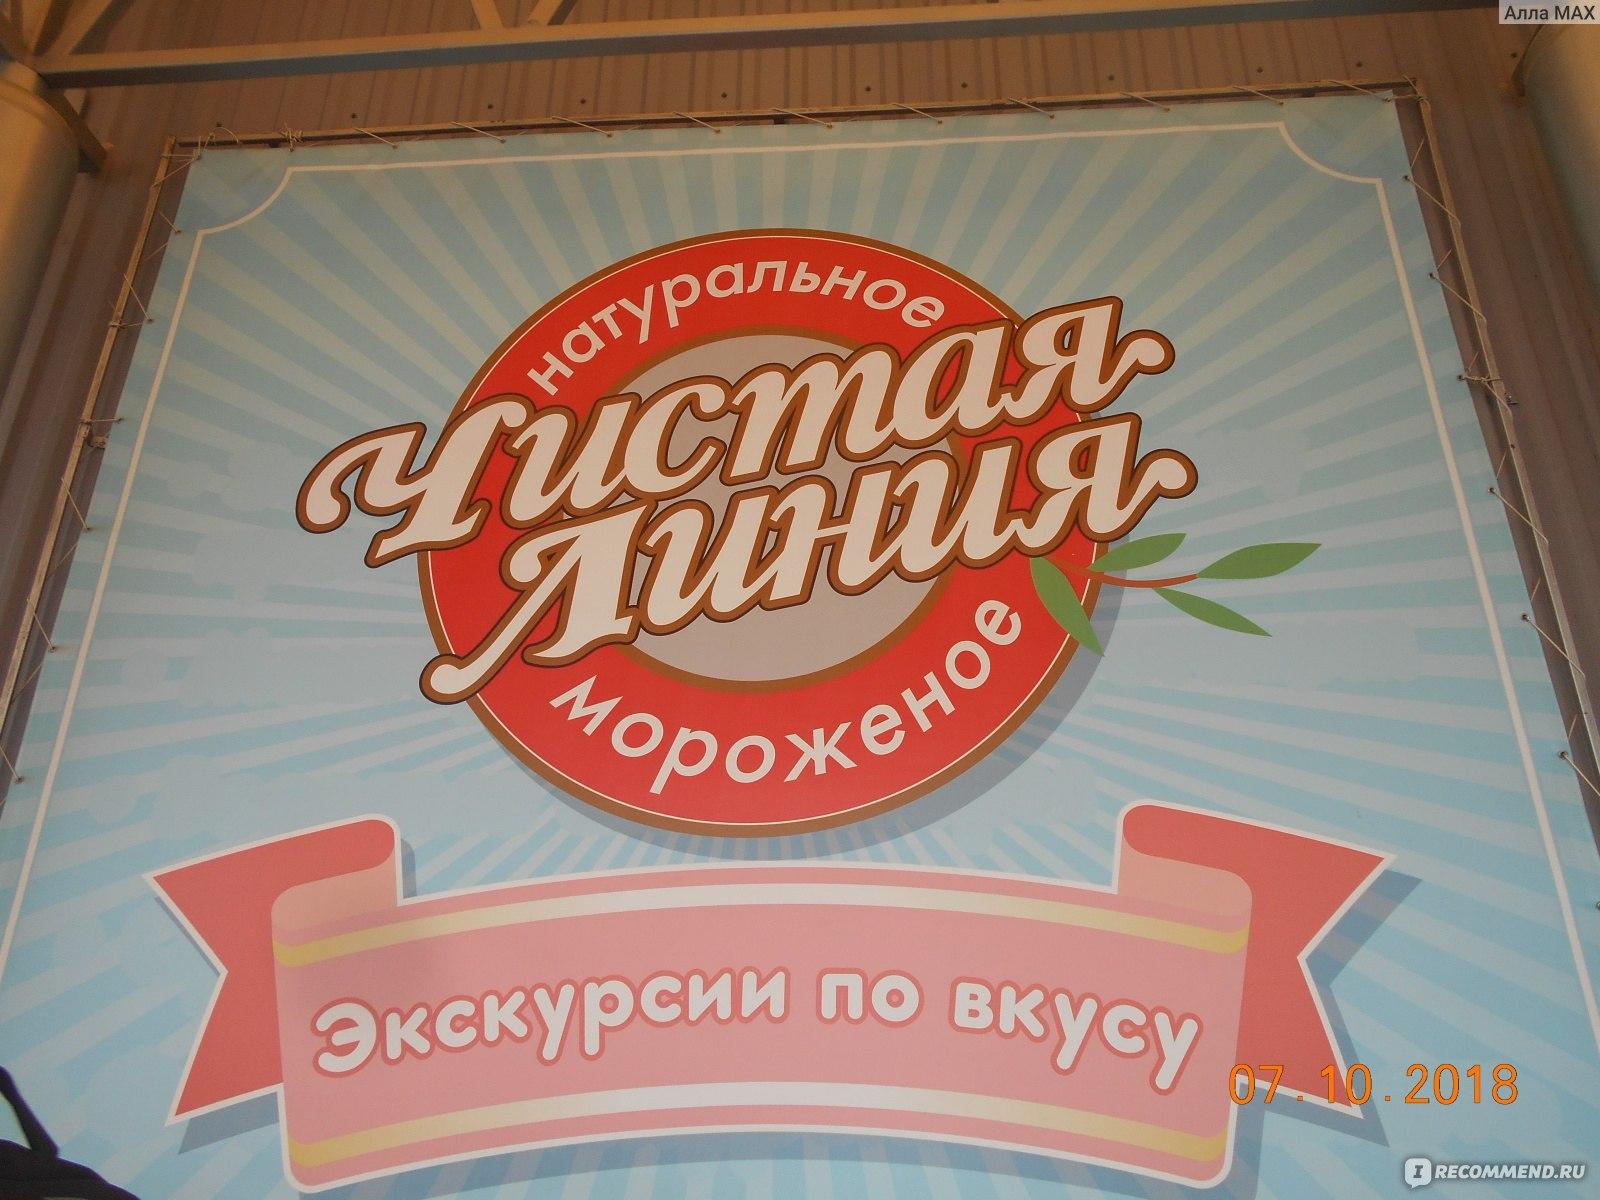 Чистая линия картинки мороженое эмблема основные